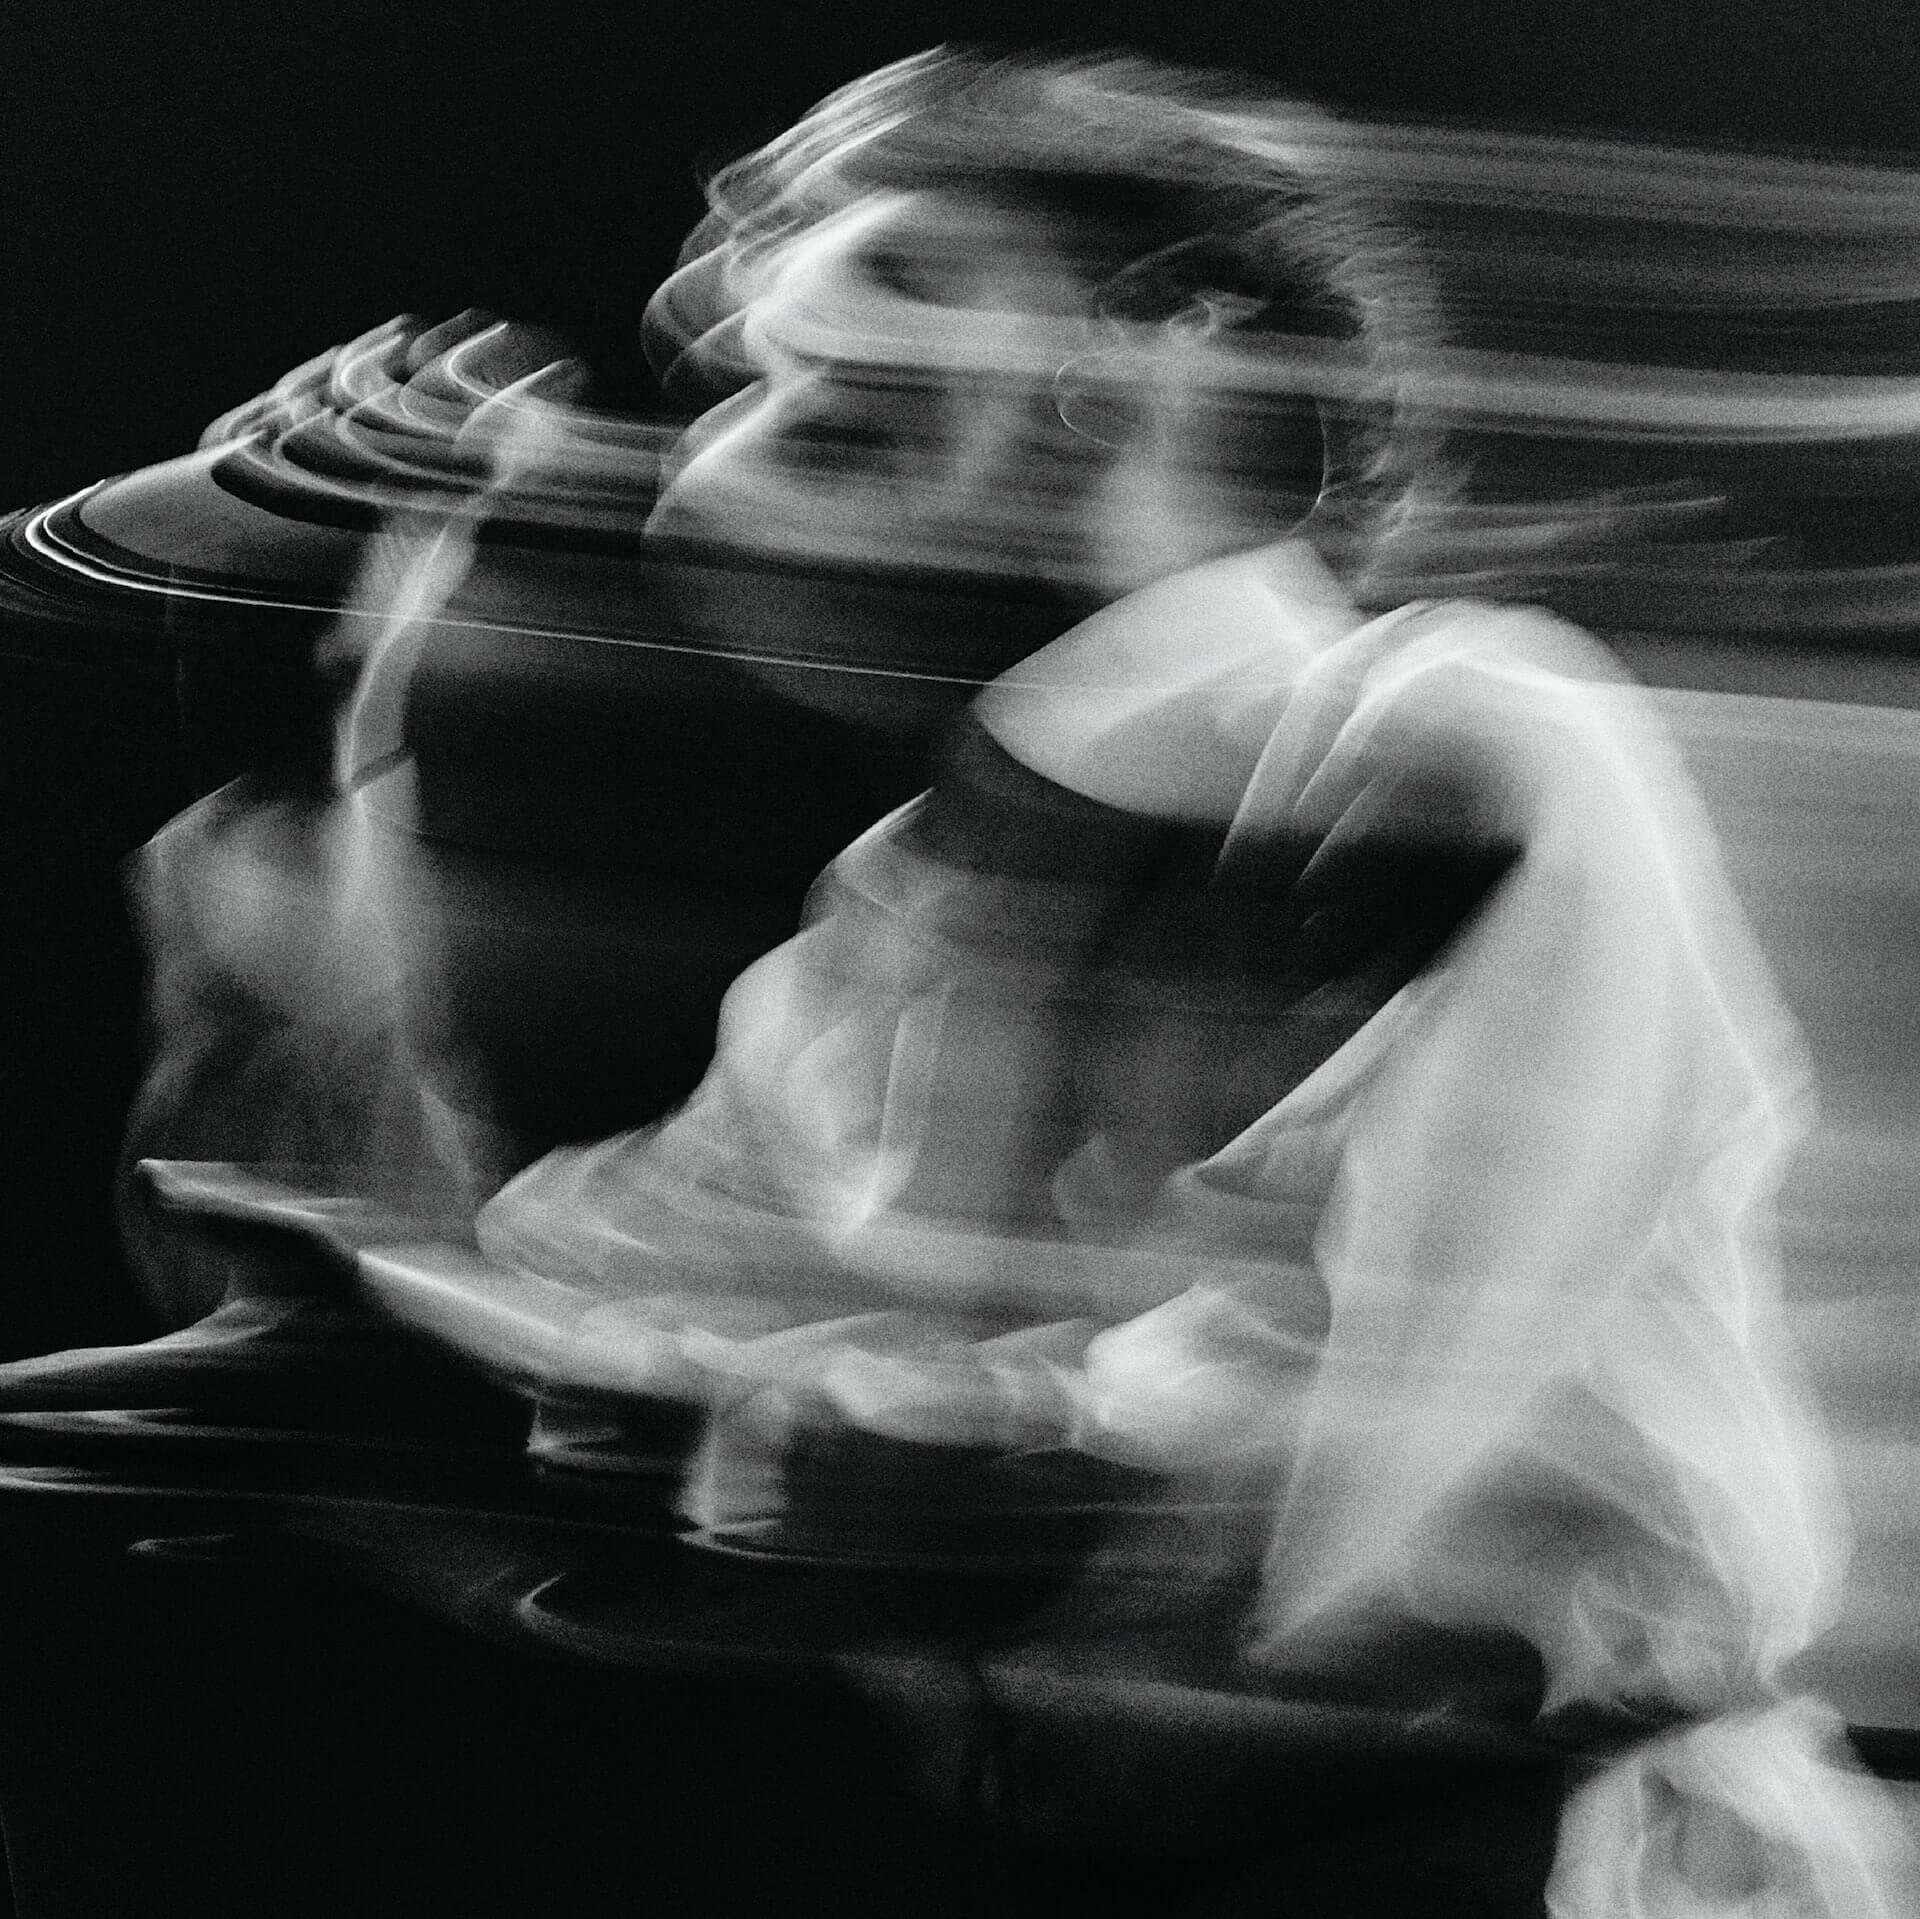 向井太一が<SAVAGE TOUR 2019>のLIVE ALBUM&VIDEOを配信リリース!Zepp Tokyo公演の模様もYouTubeで公開 music200617_mukaitaichi_01